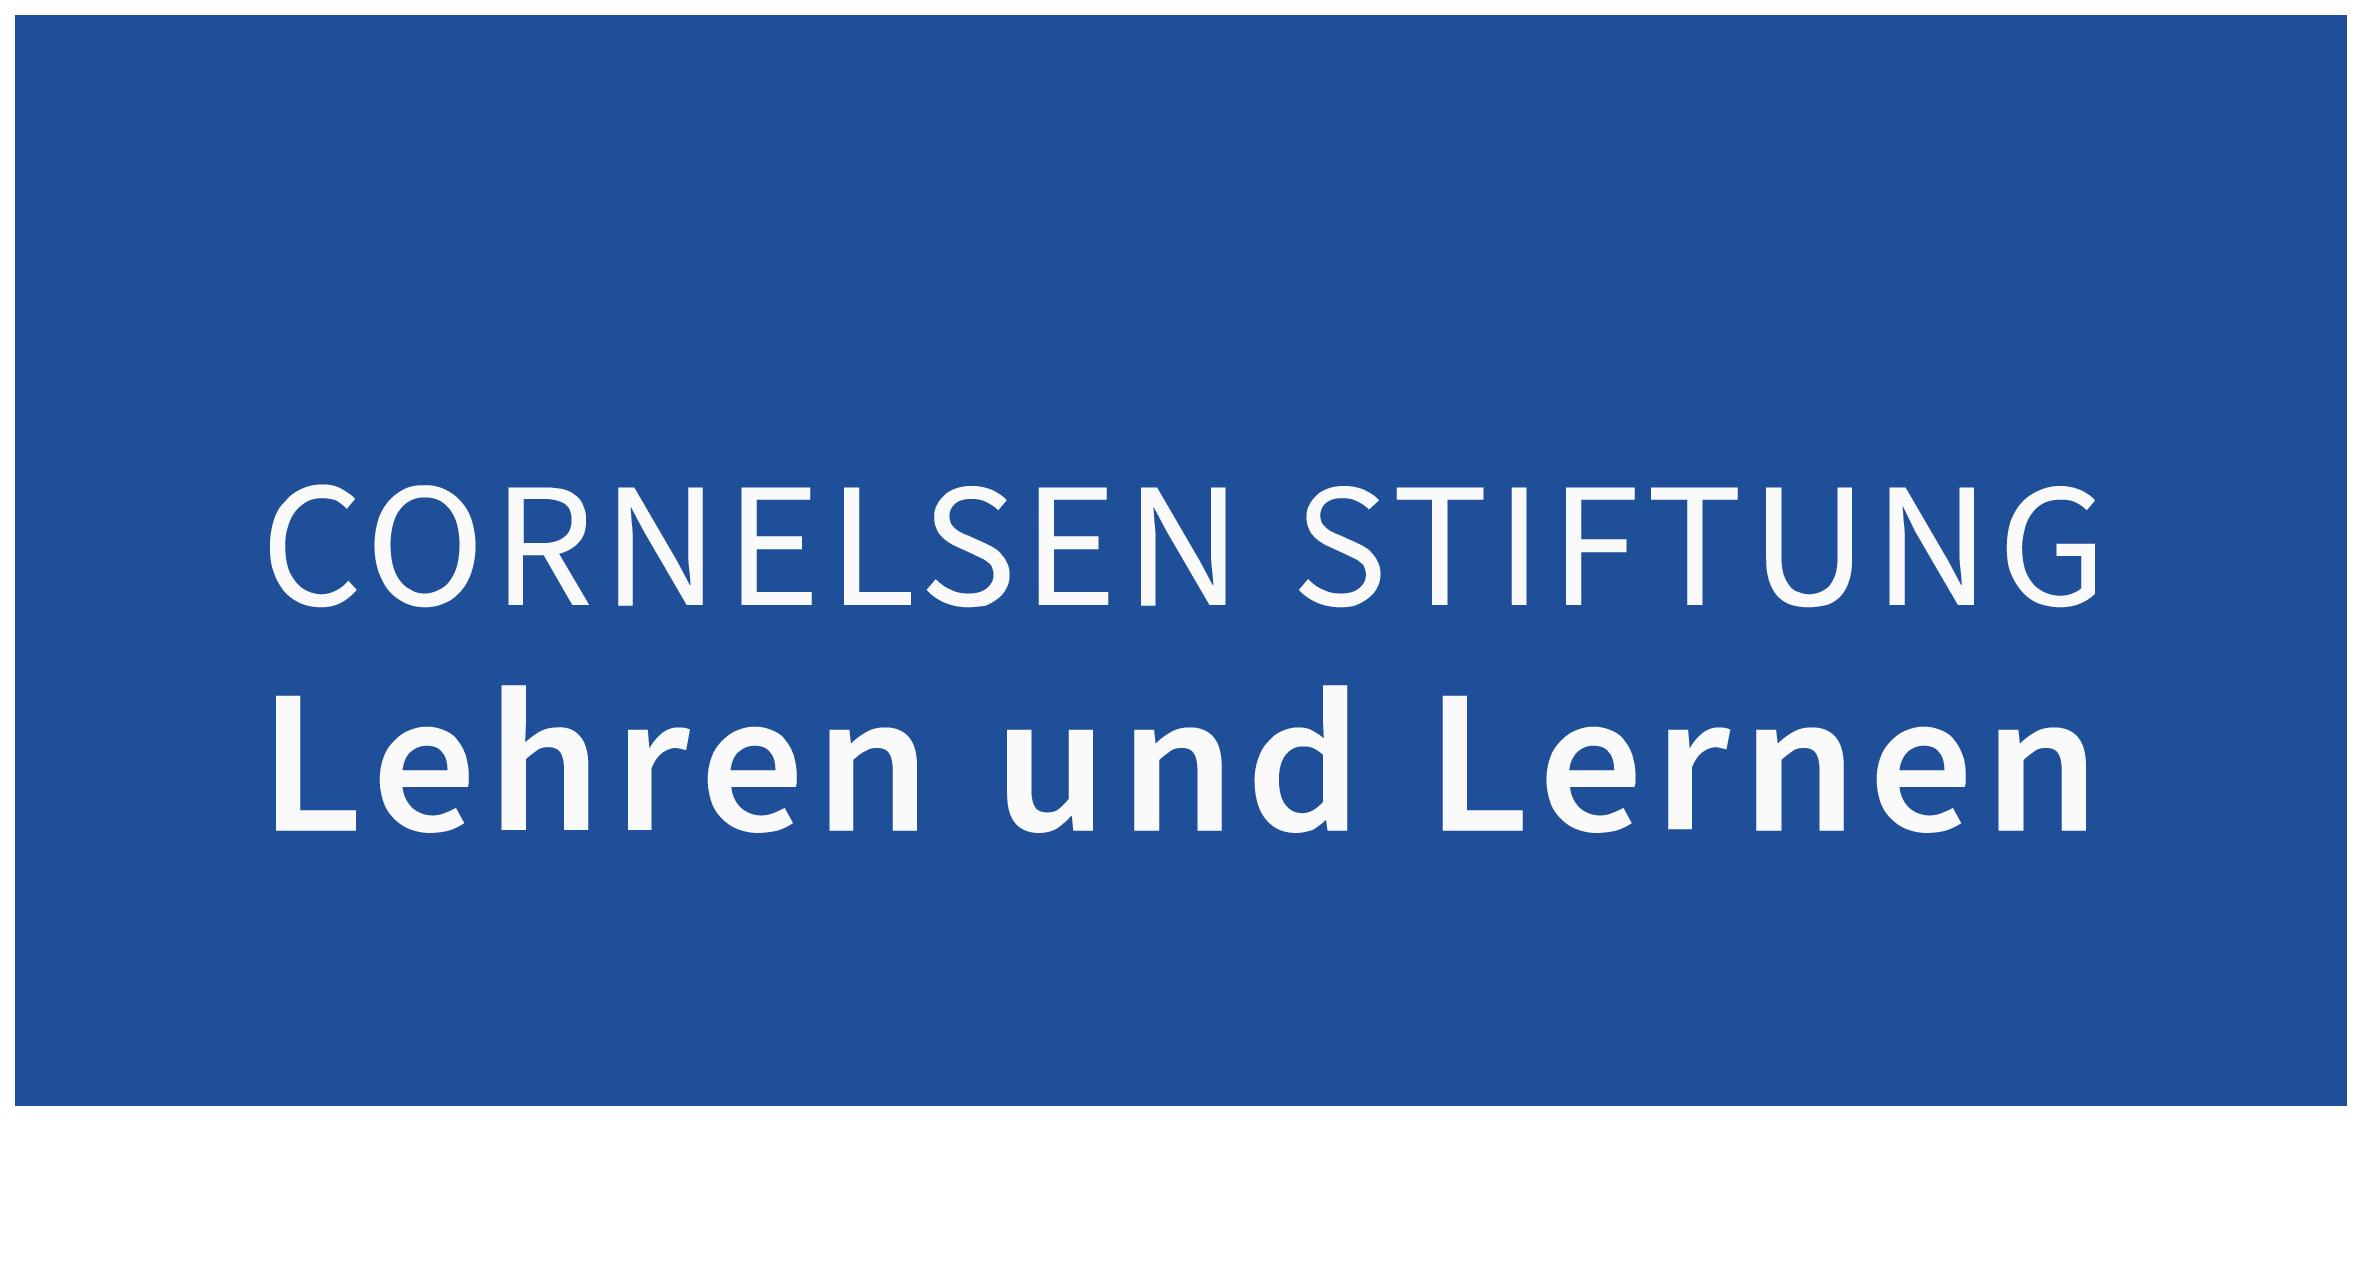 cv-stiftunglehrenlernen-logo-1